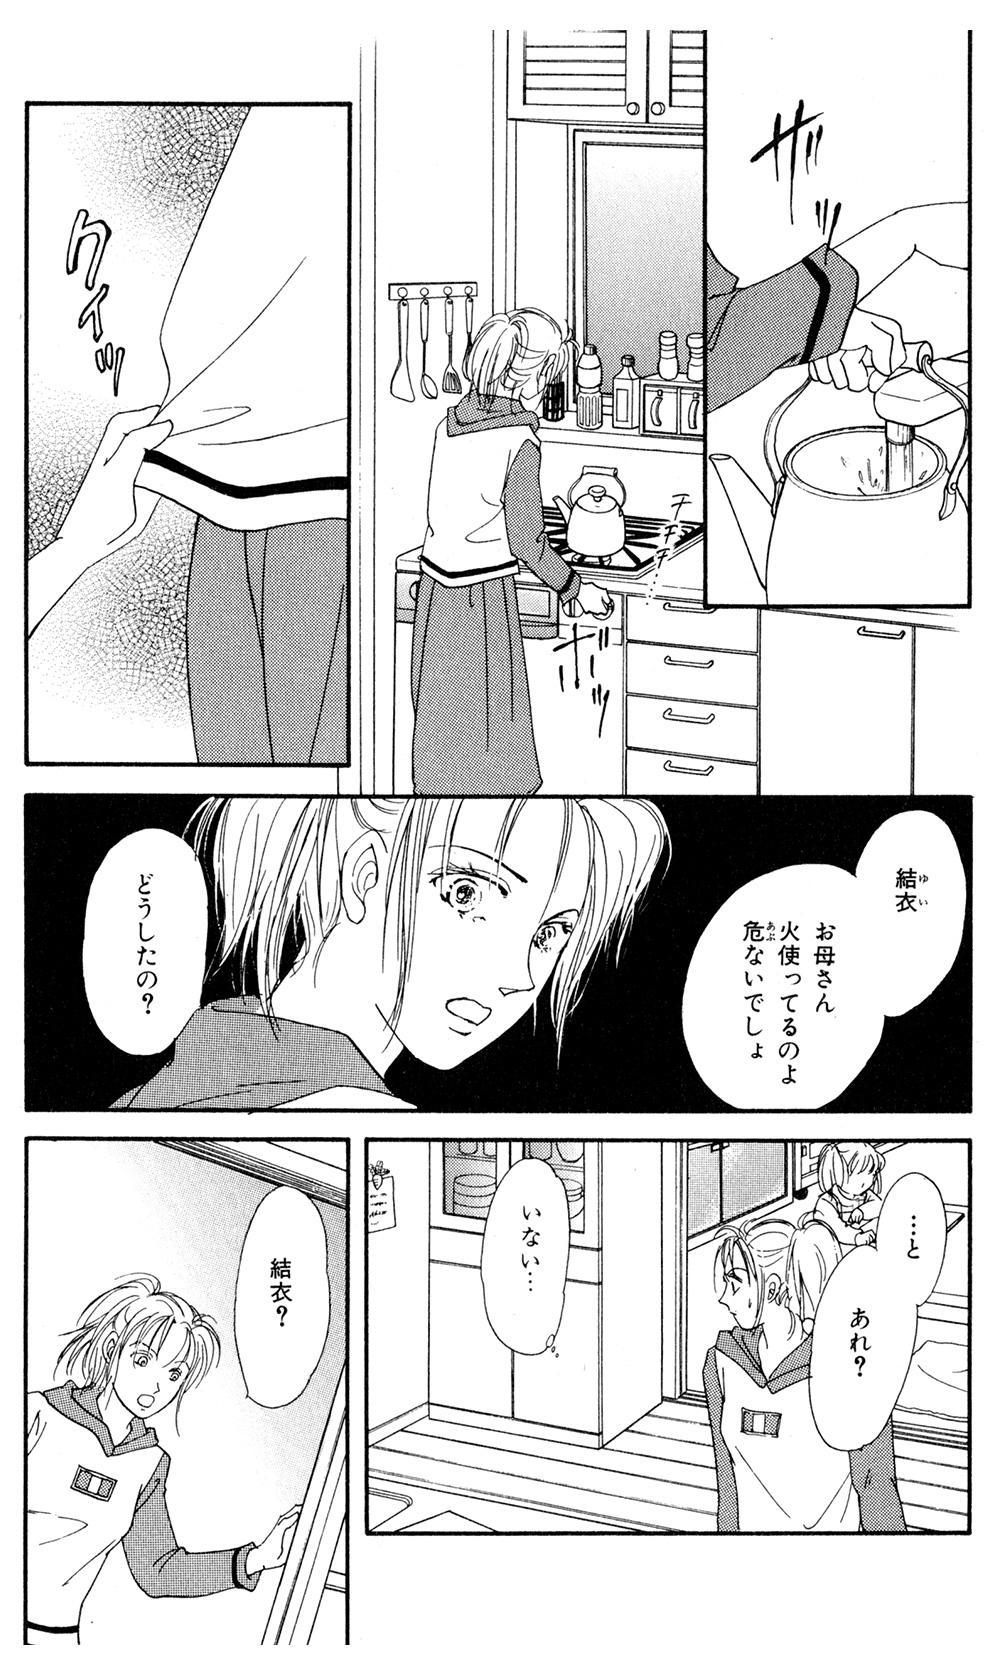 魔百合の恐怖報告 「災いを呼ぶ老婆」①rouba01-14.jpg